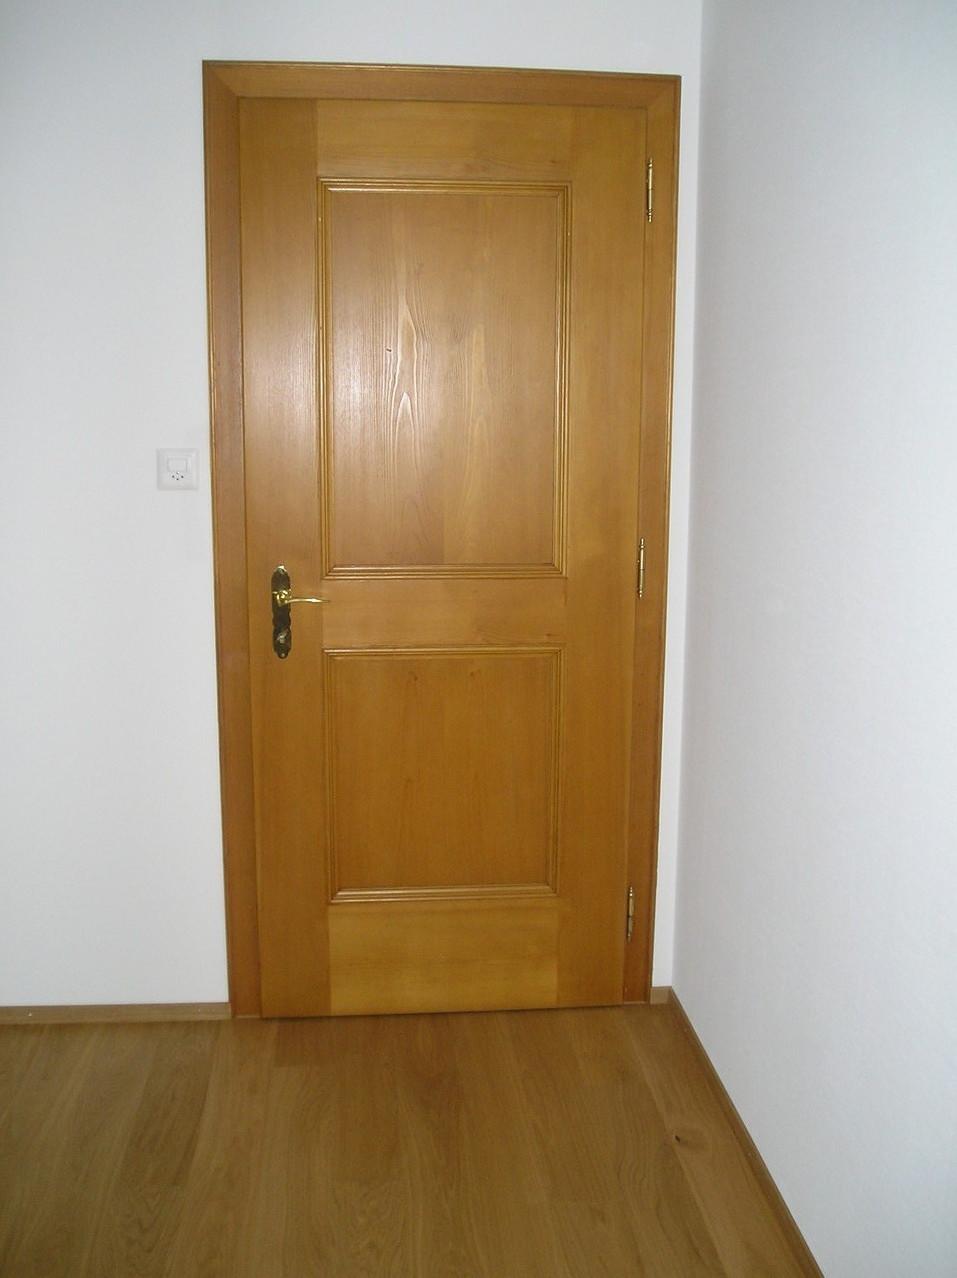 Zimmertüre in Fichte gestemmt